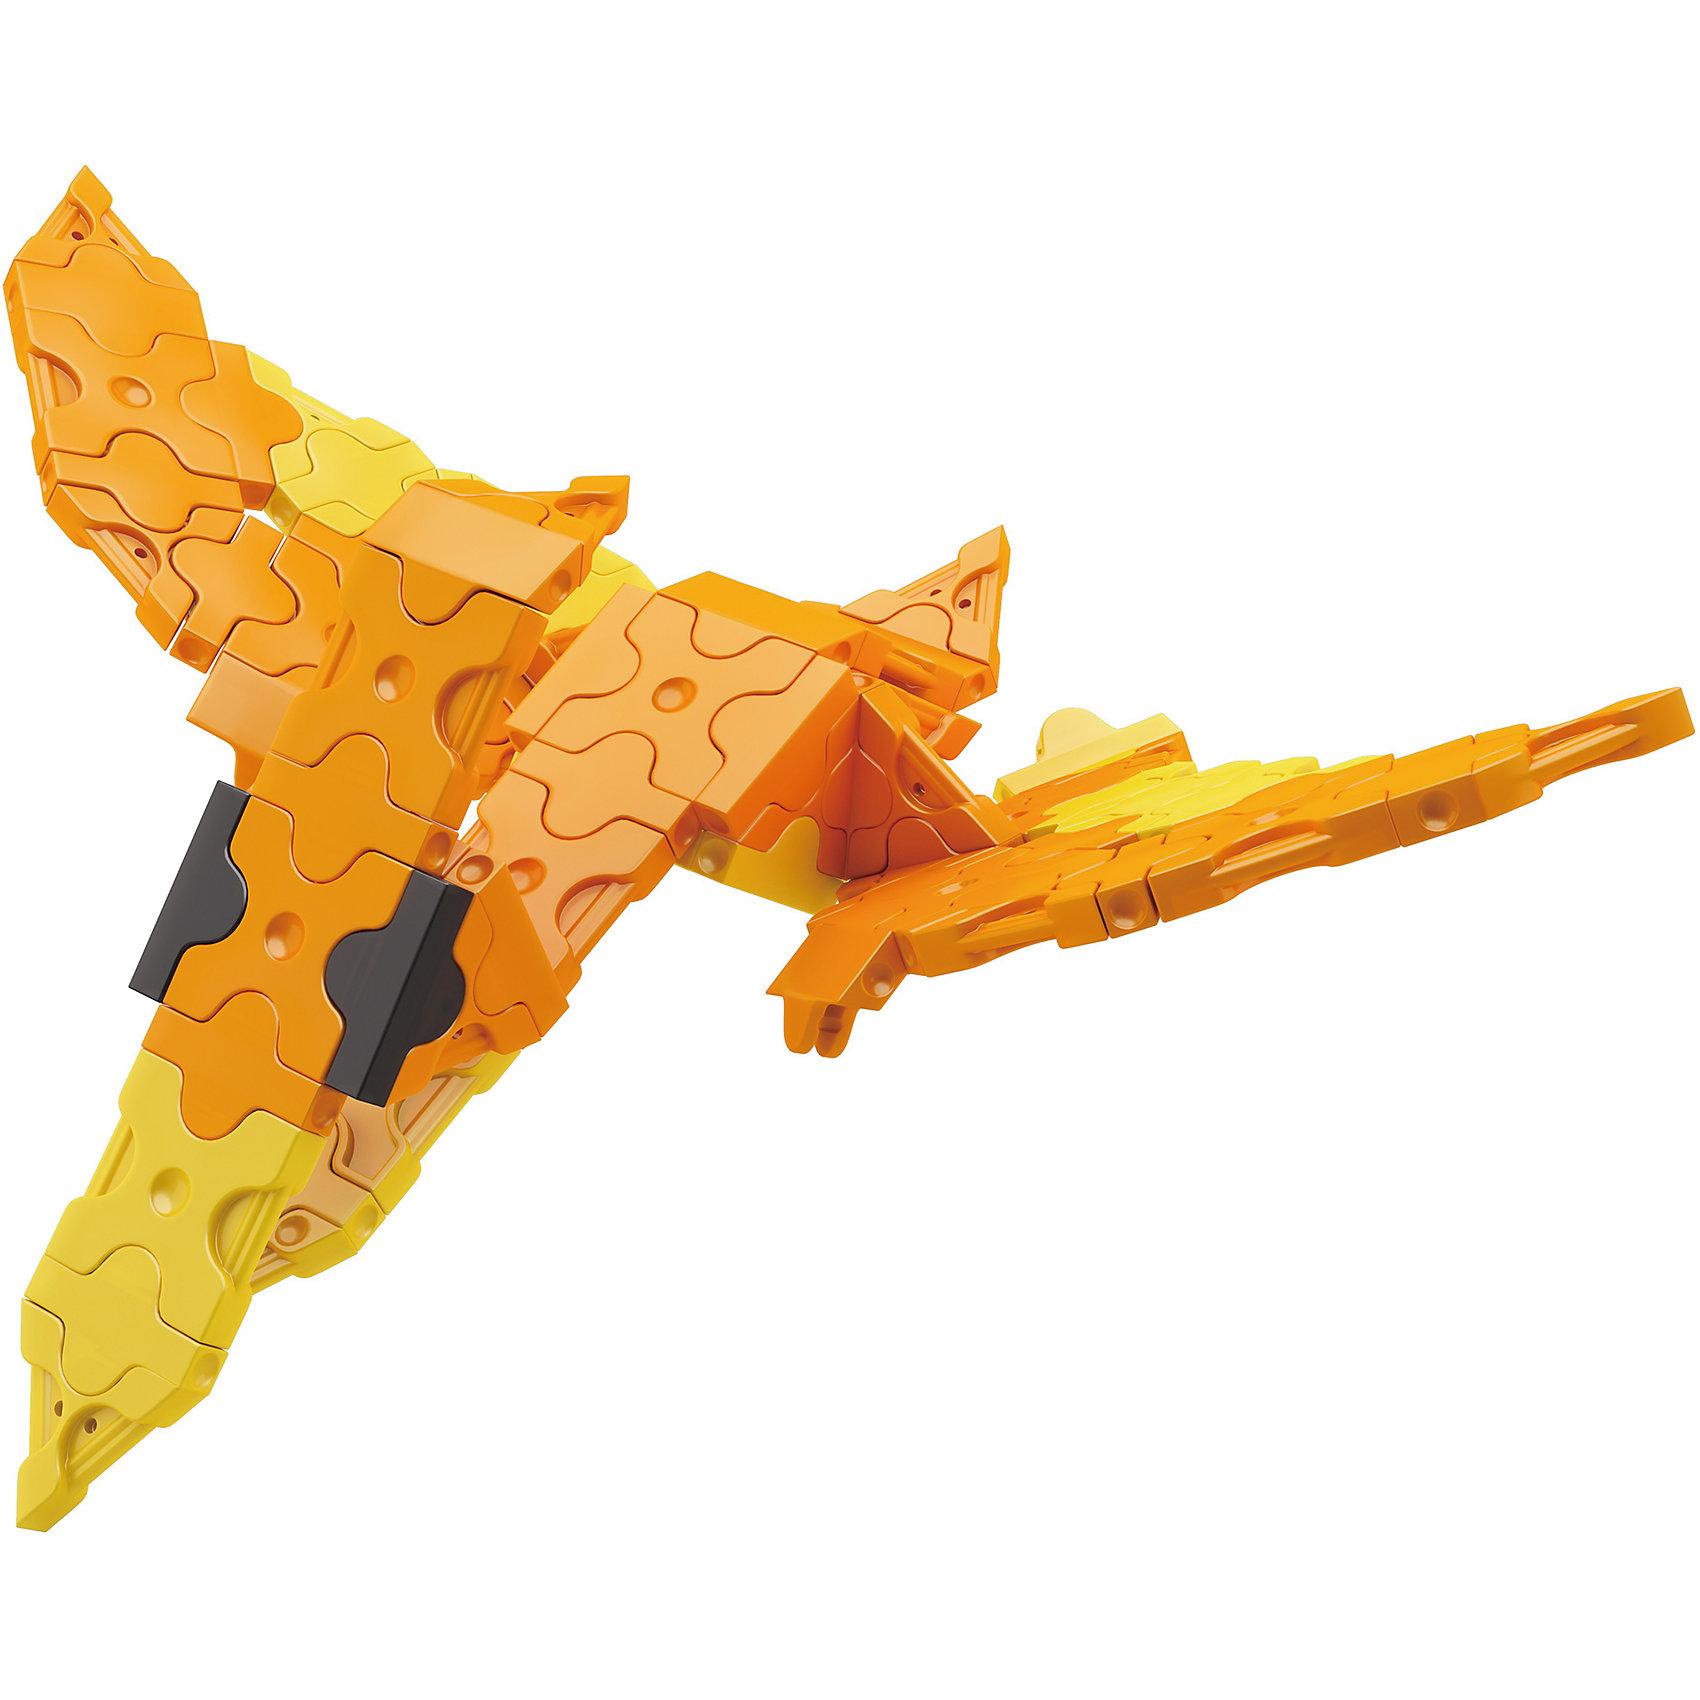 Конструктор Mini Pteranodon, 88 деталей, LaQПластмассовые конструкторы<br>Конструктор Mini Pteranodon состоит из 88 оригинальных деталей, из которых ребенок с легкостью сможет собрать птеранодона. В наборе имеются яркие детали с формой треугольника и квадрата, с пятью удобными боковыми креплениями, которые можно соединять как прямо, так и с наклоном. Игра с конструктором развивает воображение, мелкую моторику и усидчивость. Соединять детали невероятно просто, что позволит юному скульптору играть с удовольствием!<br><br>Дополнительная информация:<br>В наборе: 88 деталей(3 цвета), инструкция <br>Материал: пластик<br>Размер упаковки: 8х8х4 см<br>Конструктор Mini Pteranodon можно приобрести в нашем интернет-магазине.<br><br>Ширина мм: 80<br>Глубина мм: 40<br>Высота мм: 80<br>Вес г: 60<br>Возраст от месяцев: 60<br>Возраст до месяцев: 1188<br>Пол: Унисекс<br>Возраст: Детский<br>SKU: 4944569